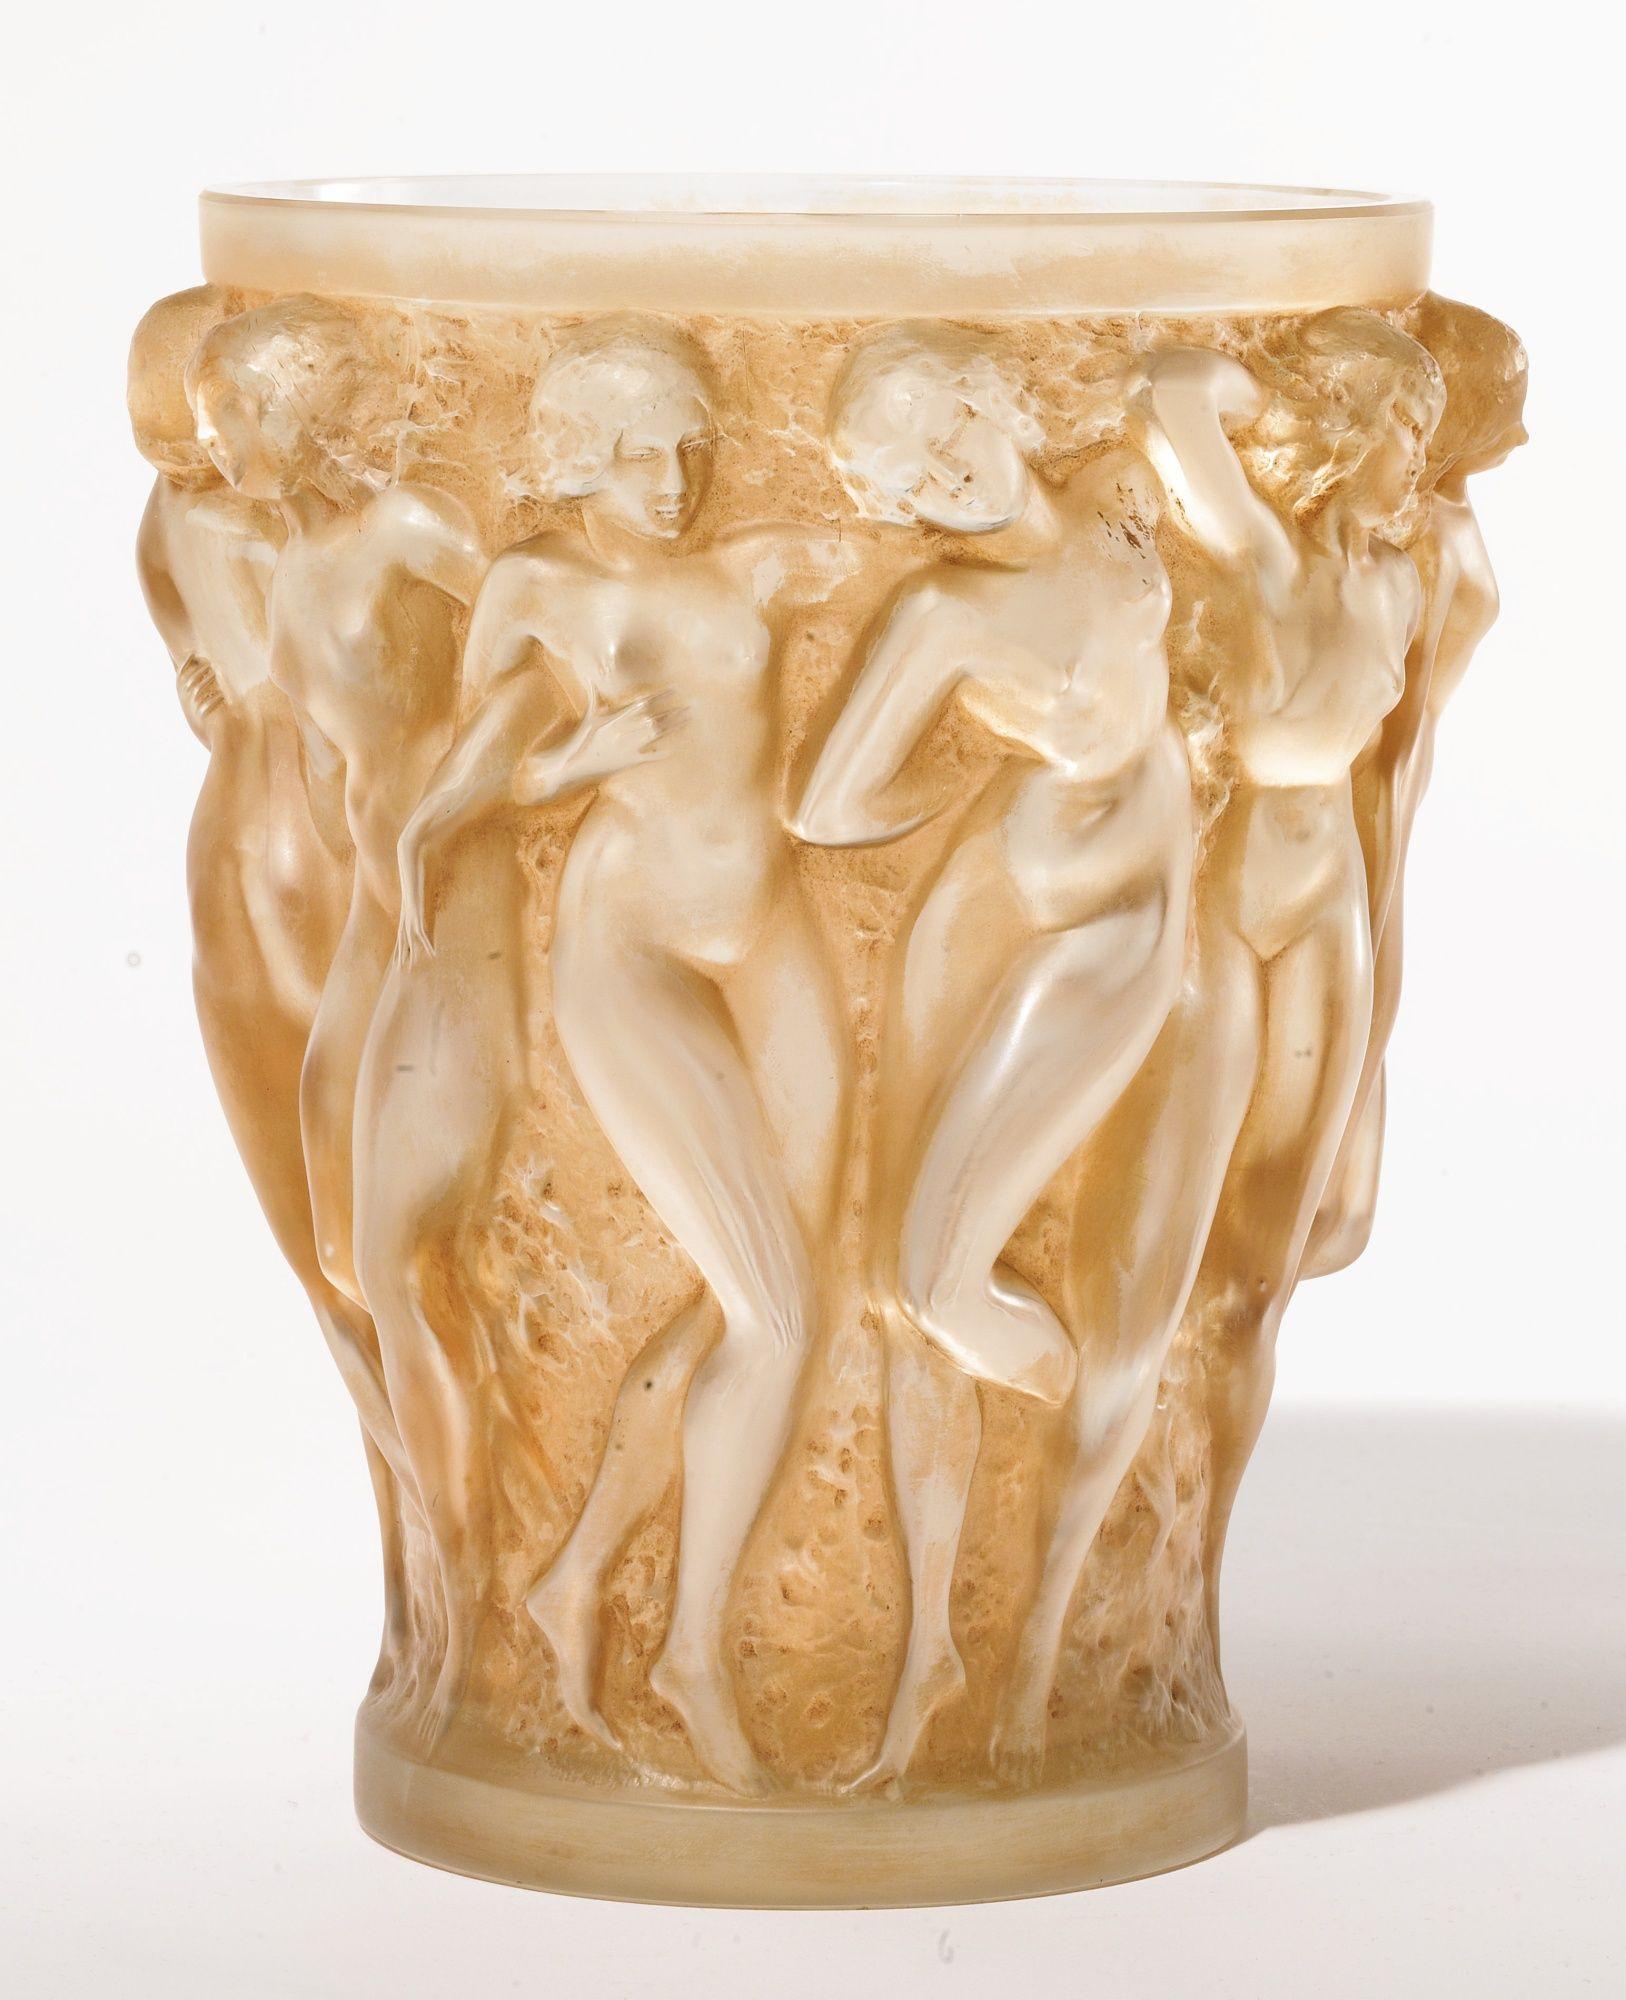 vase lalique les bacchantes of 0997 rena lalique bacchantes vase marcilhac no 997 engraved r inside 0997 rena lalique bacchantes vase marcilhac no 997 engraved r lalique